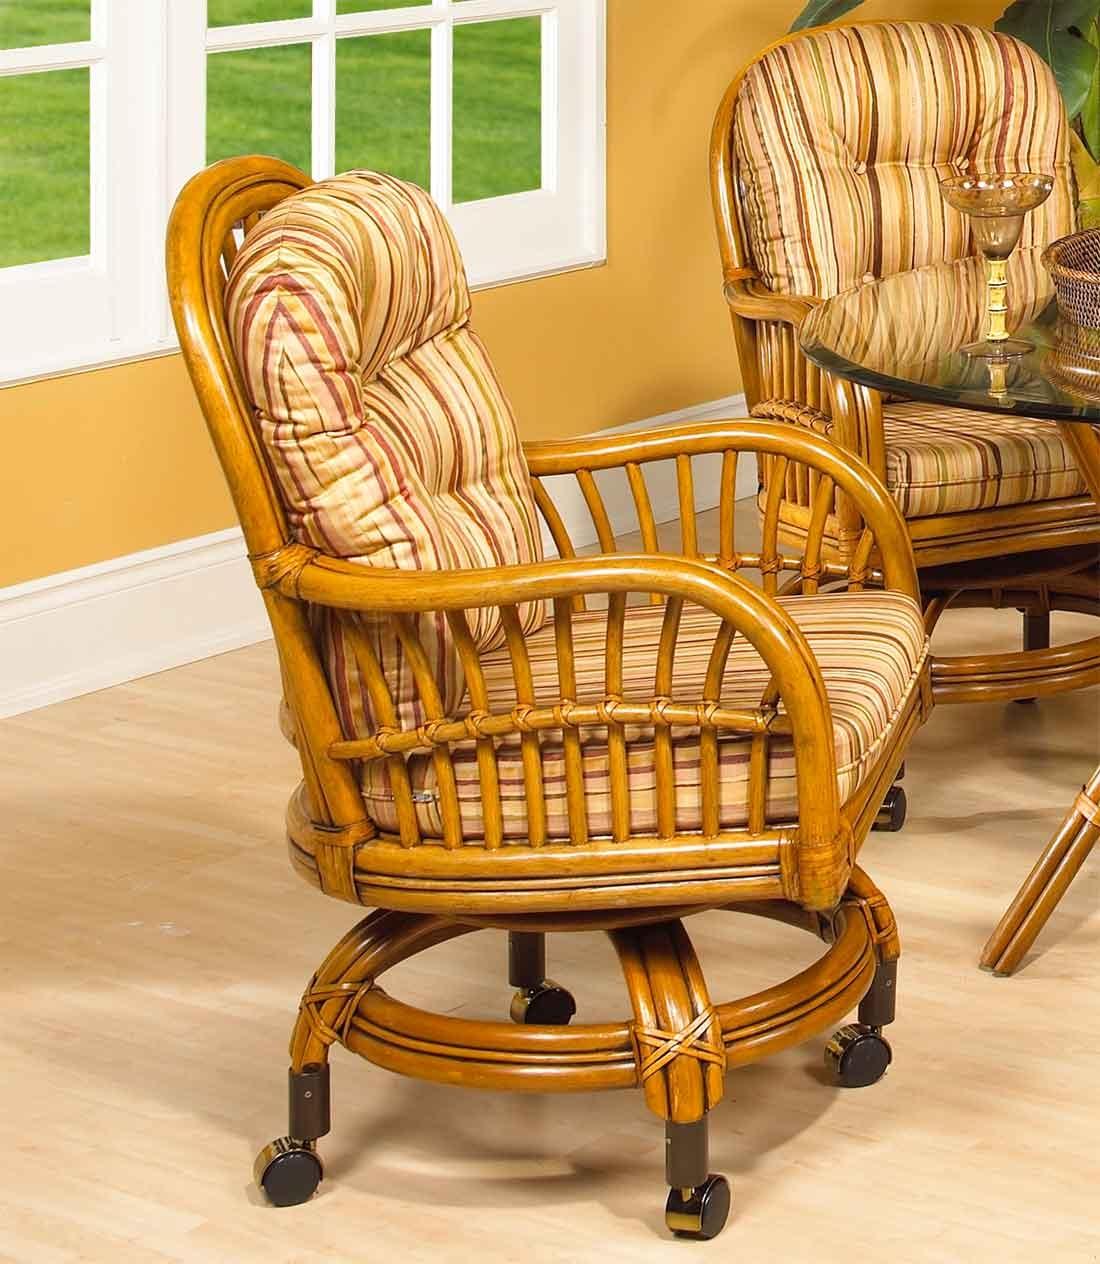 Antigua game chair min 2 599 each for Antigua wicker chaise